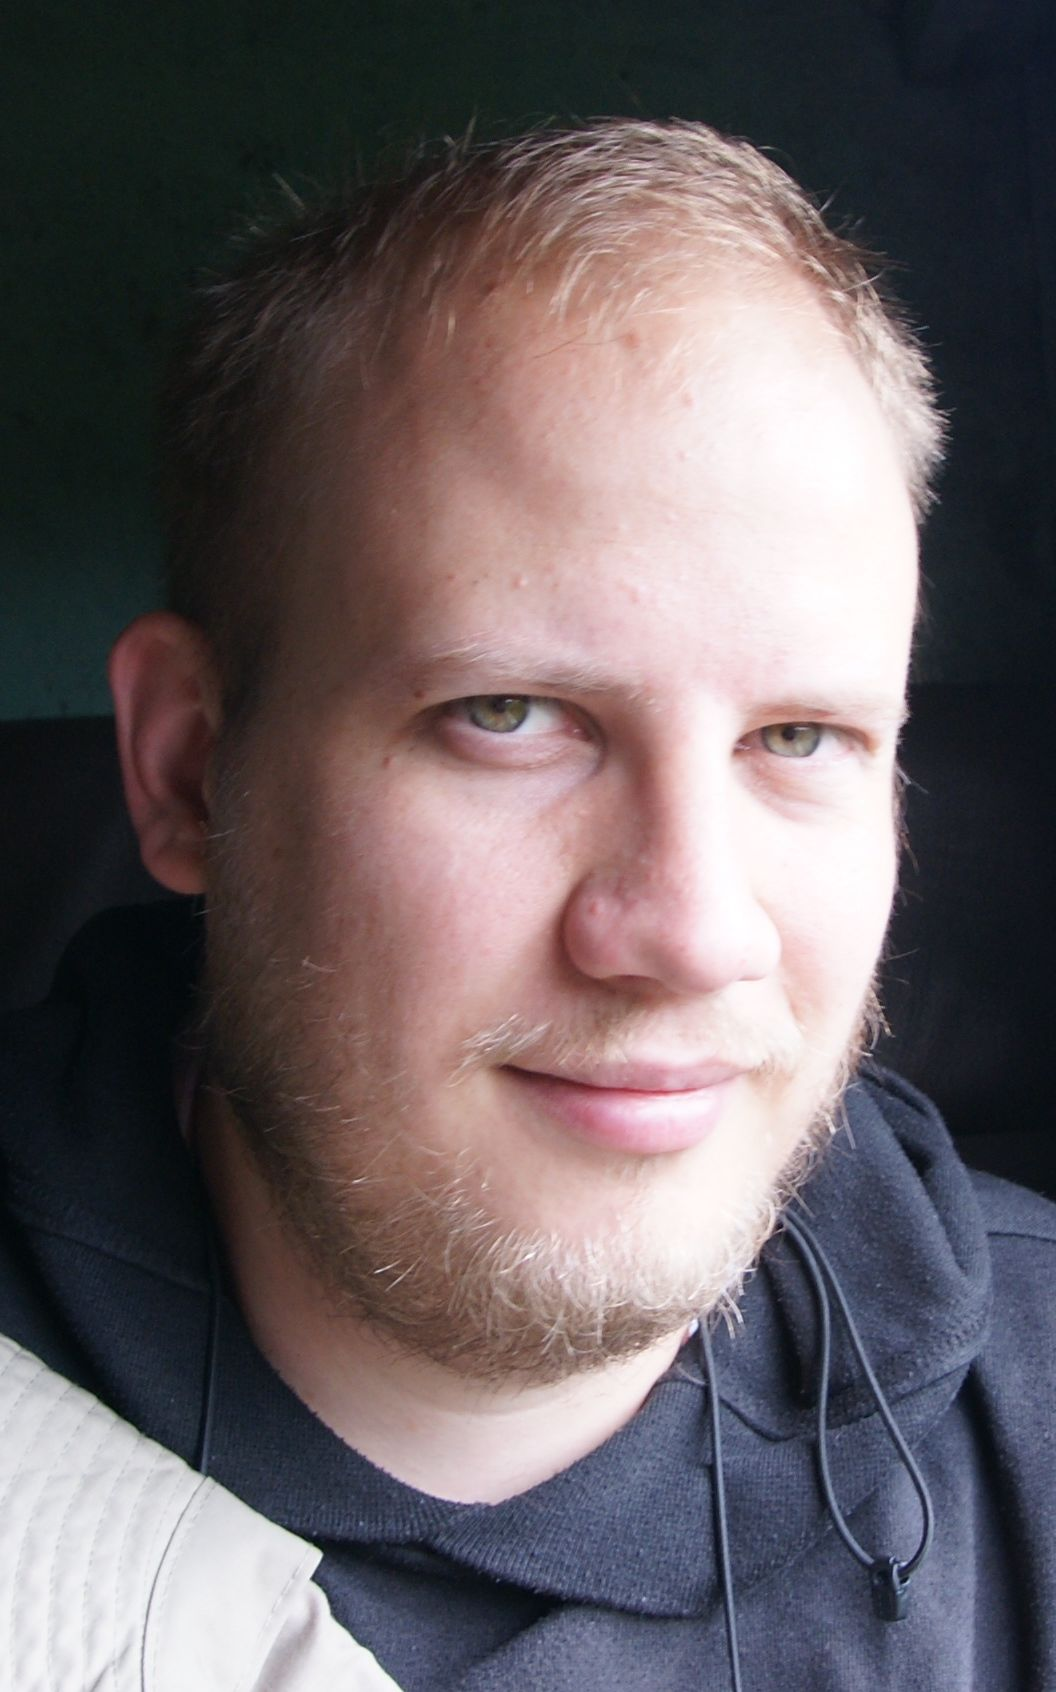 Stefan Göller